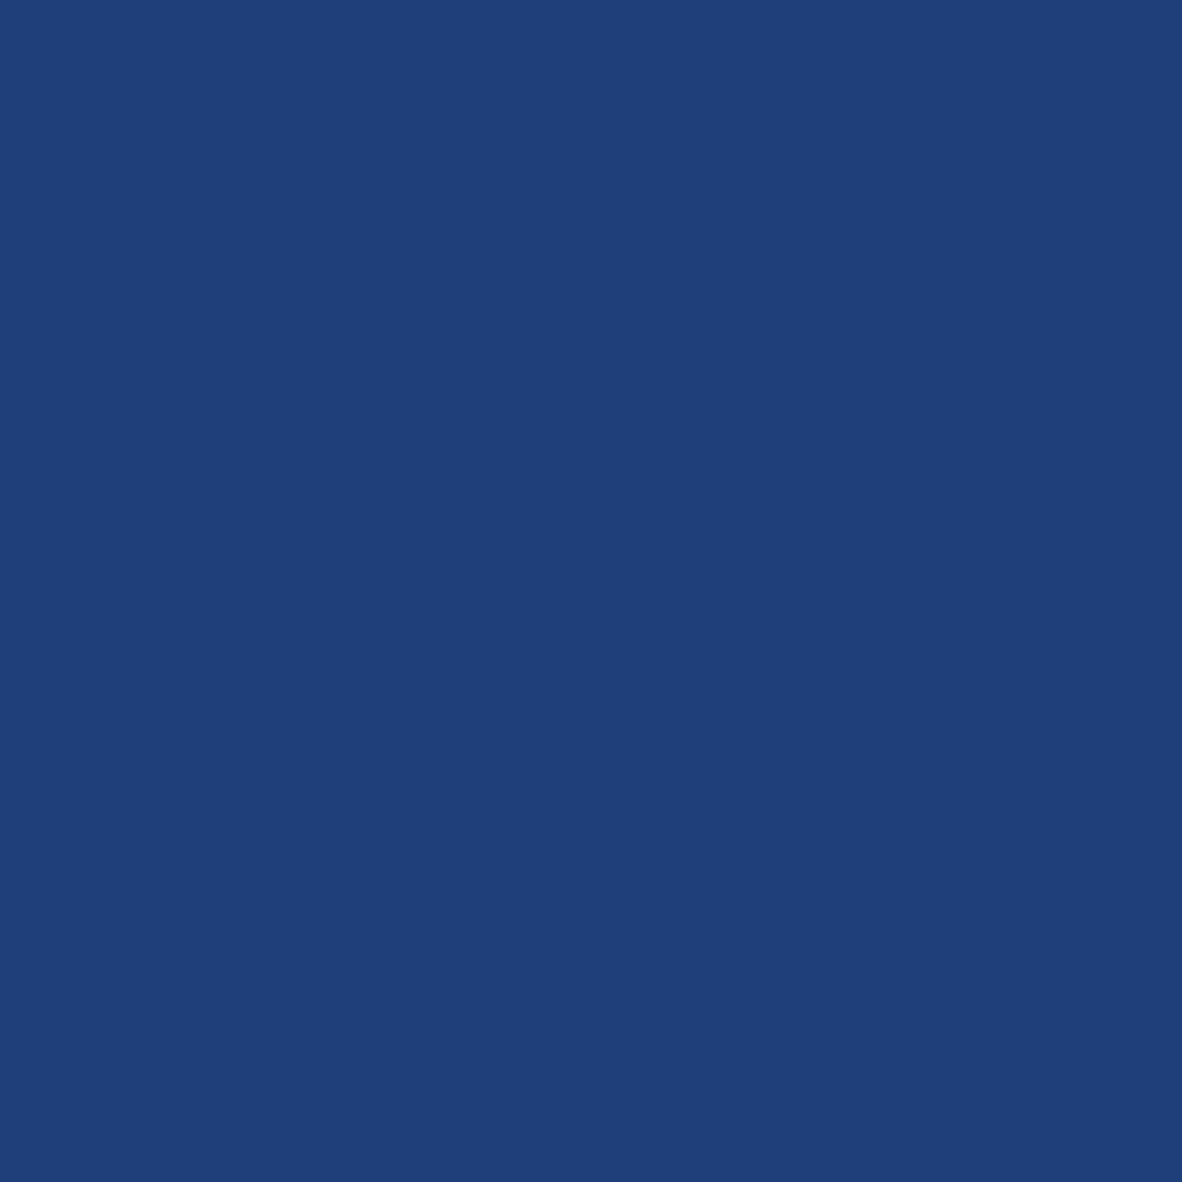 Inktpad oceaanblauw groot